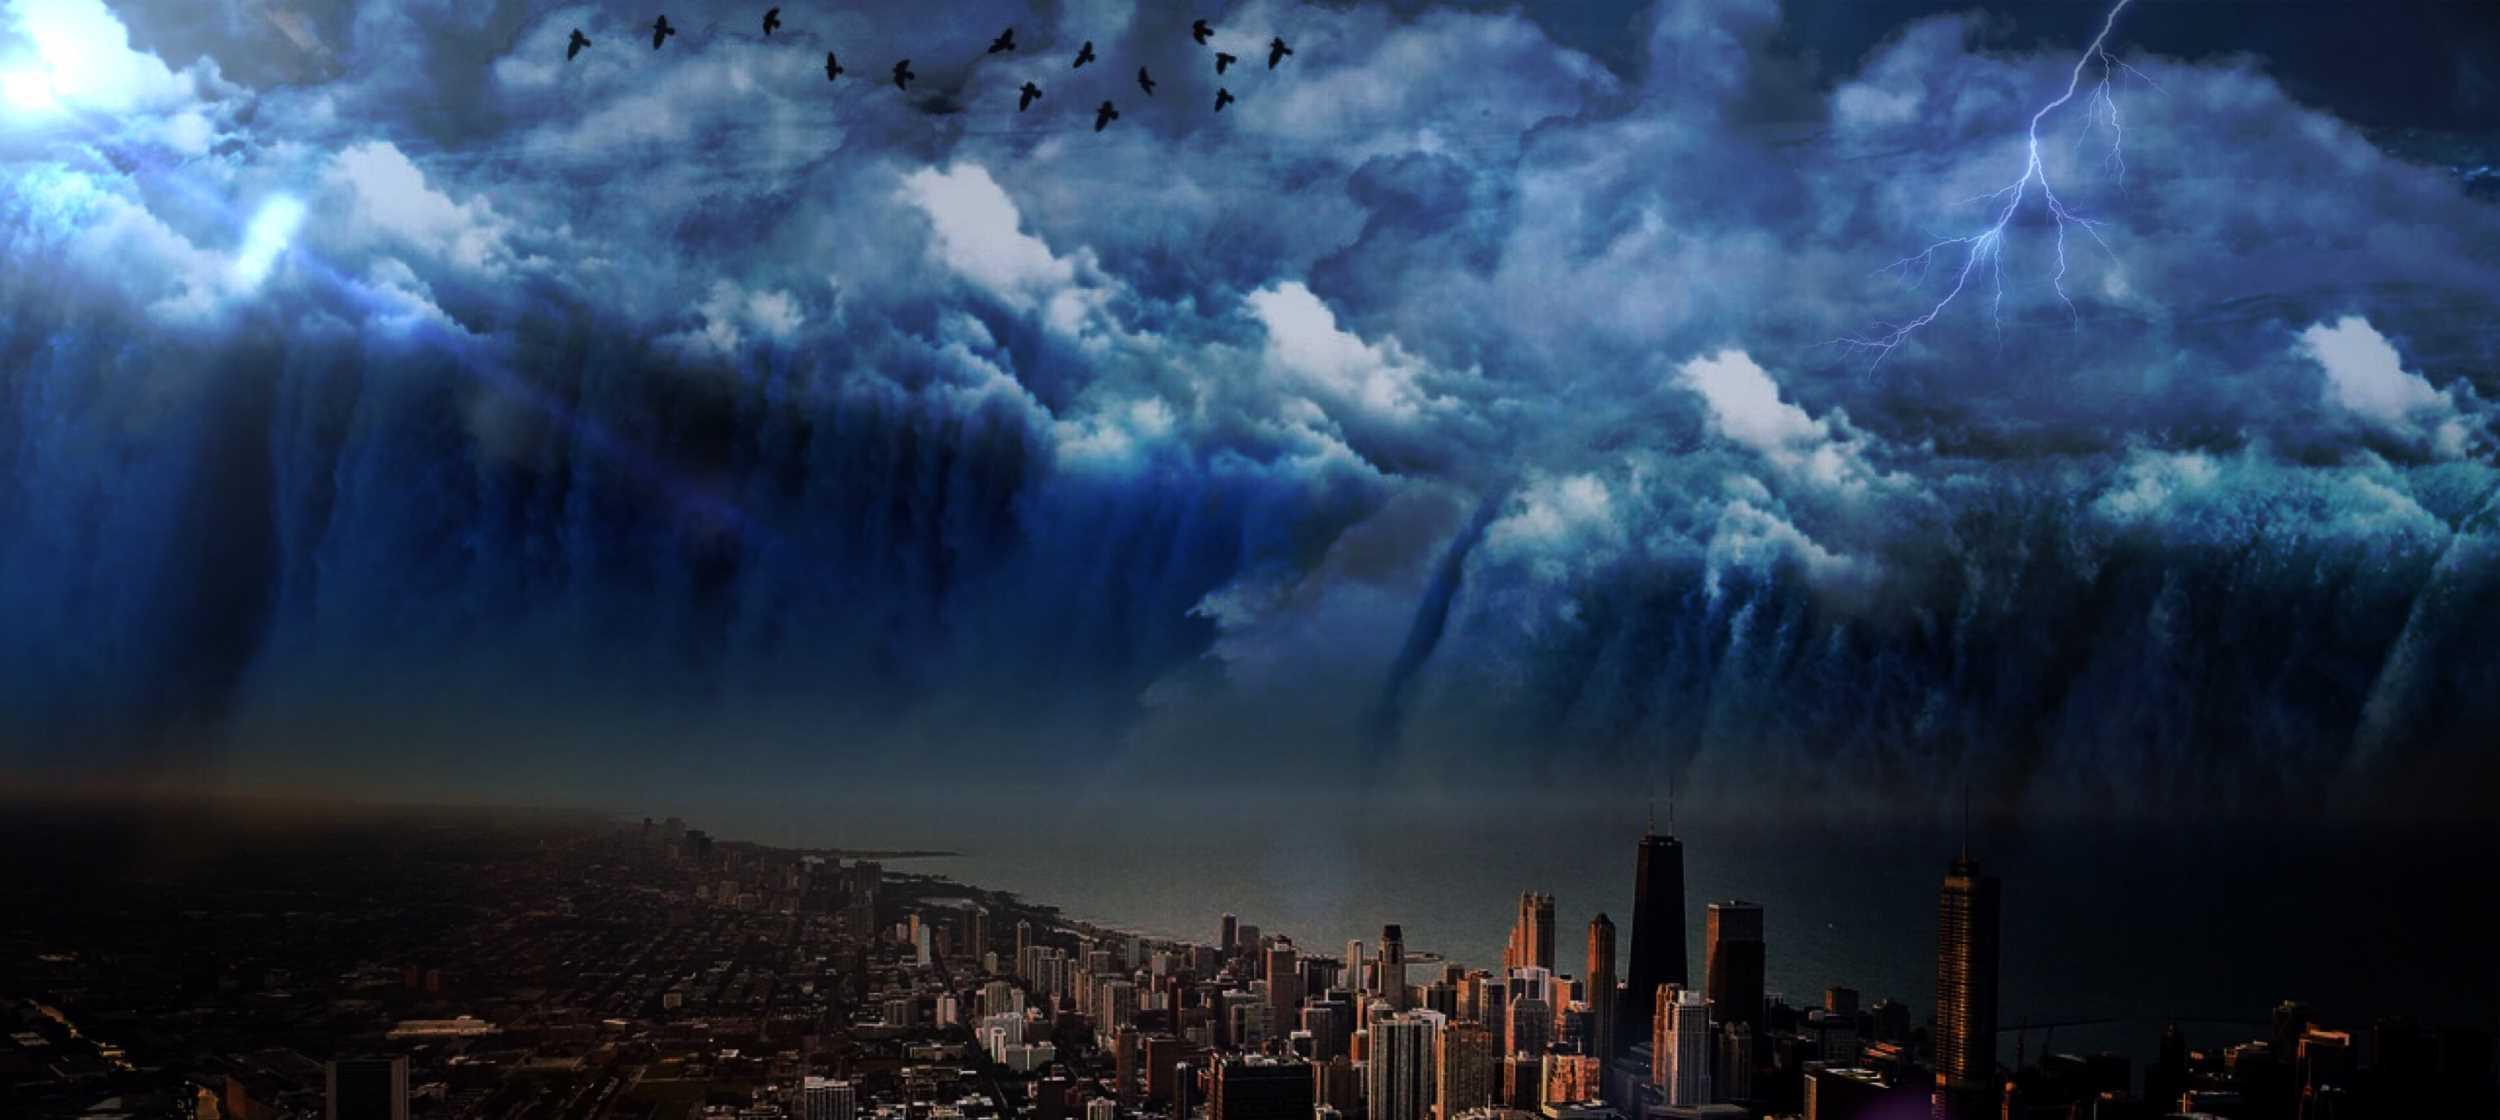 Finanzwelt Tsunami Wirbelsturm Gewitter Flutwelle Bitcoin Blockchain Kryptowährungen